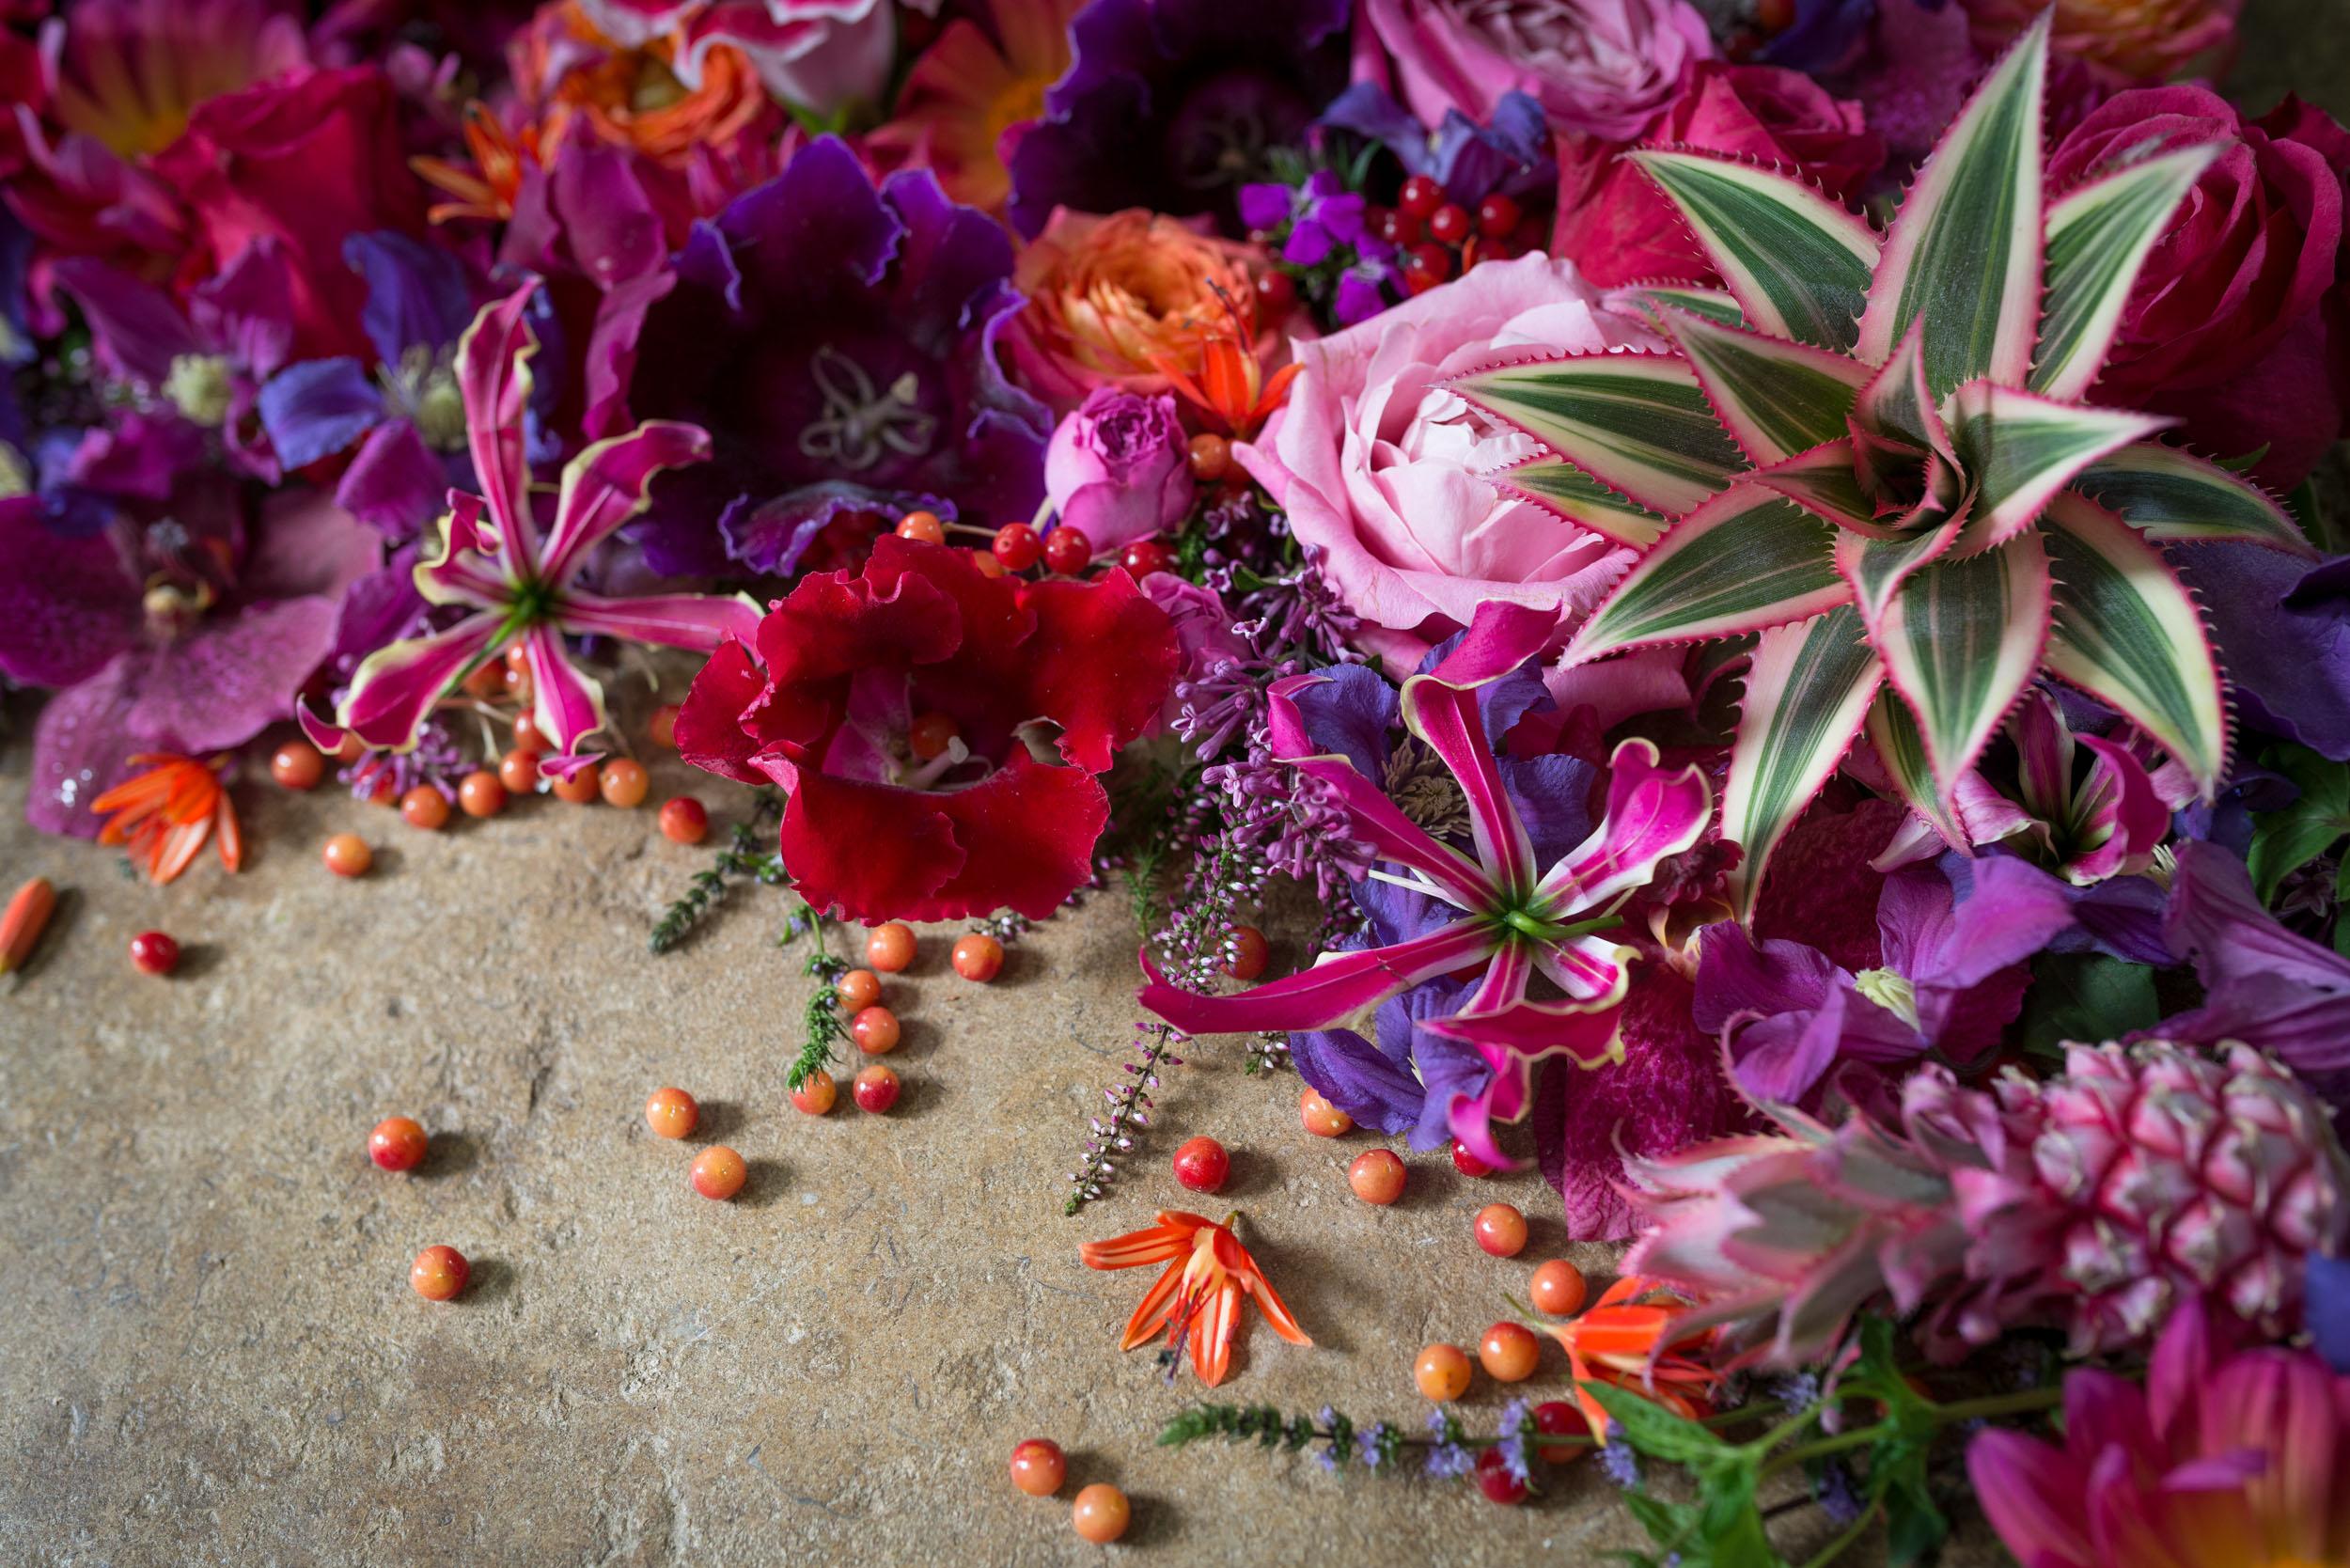 DSC_2179_Flower_Heads.jpg